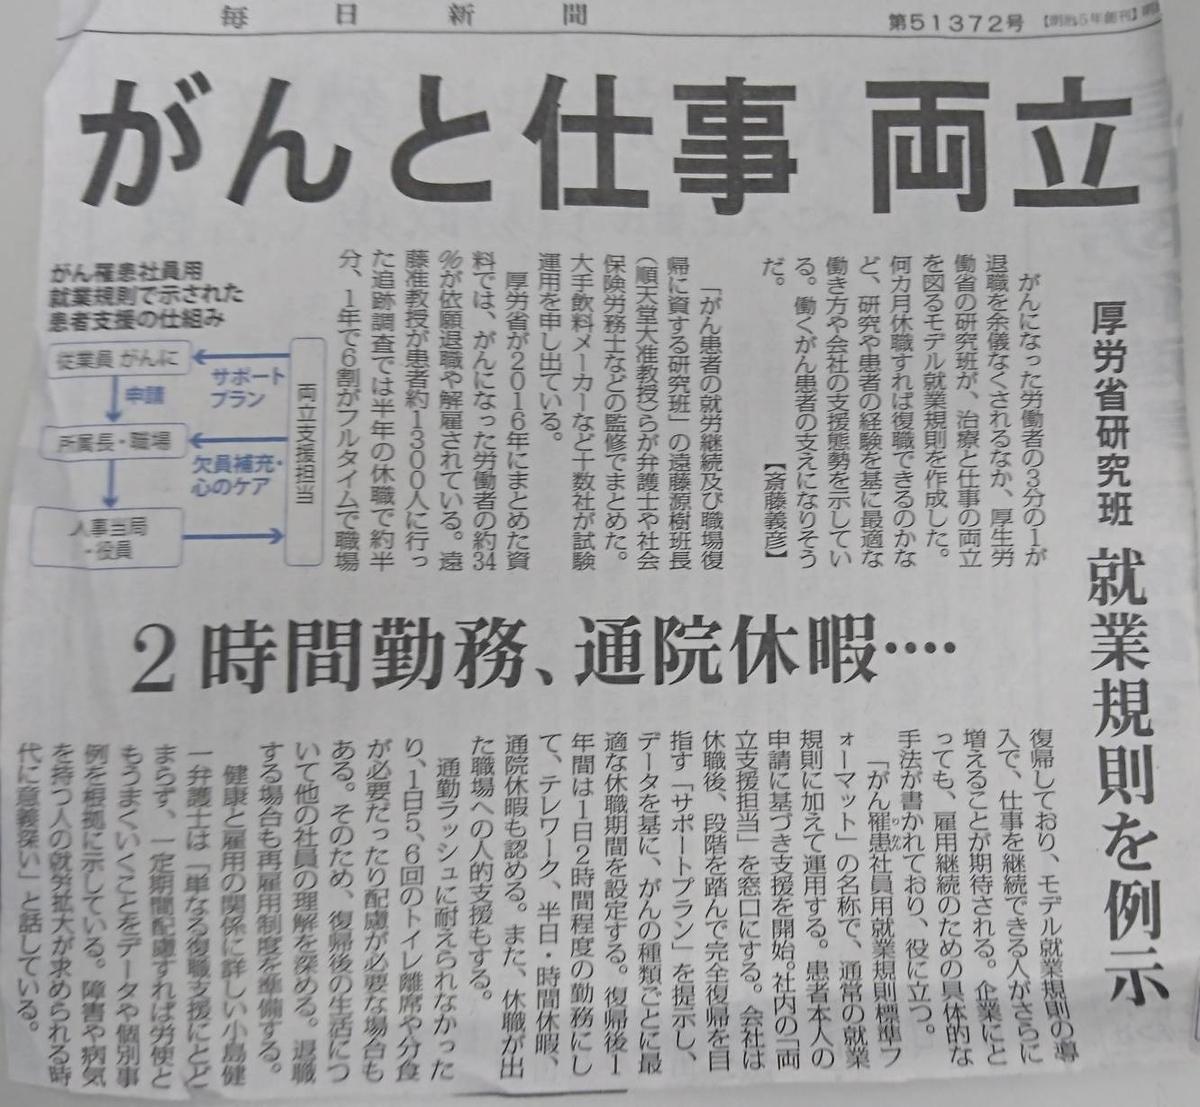 f:id:kazura-kobayashi:20200403153526j:plain